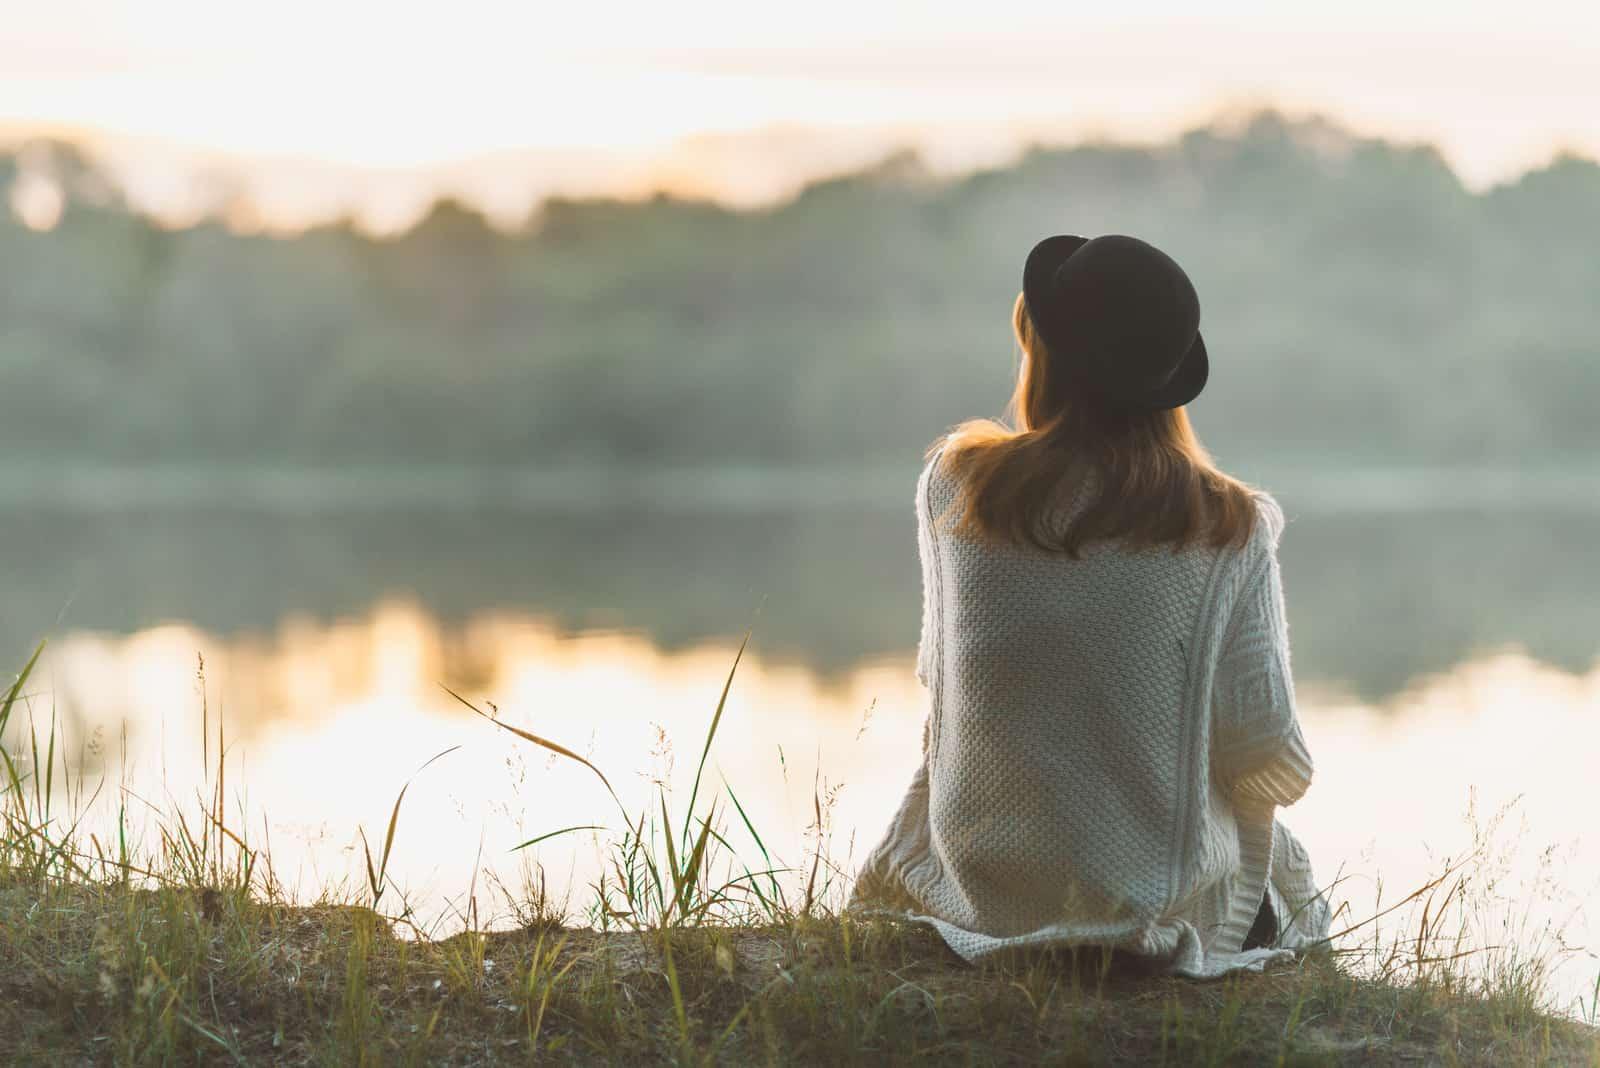 la femme est assise et regarde la rivière